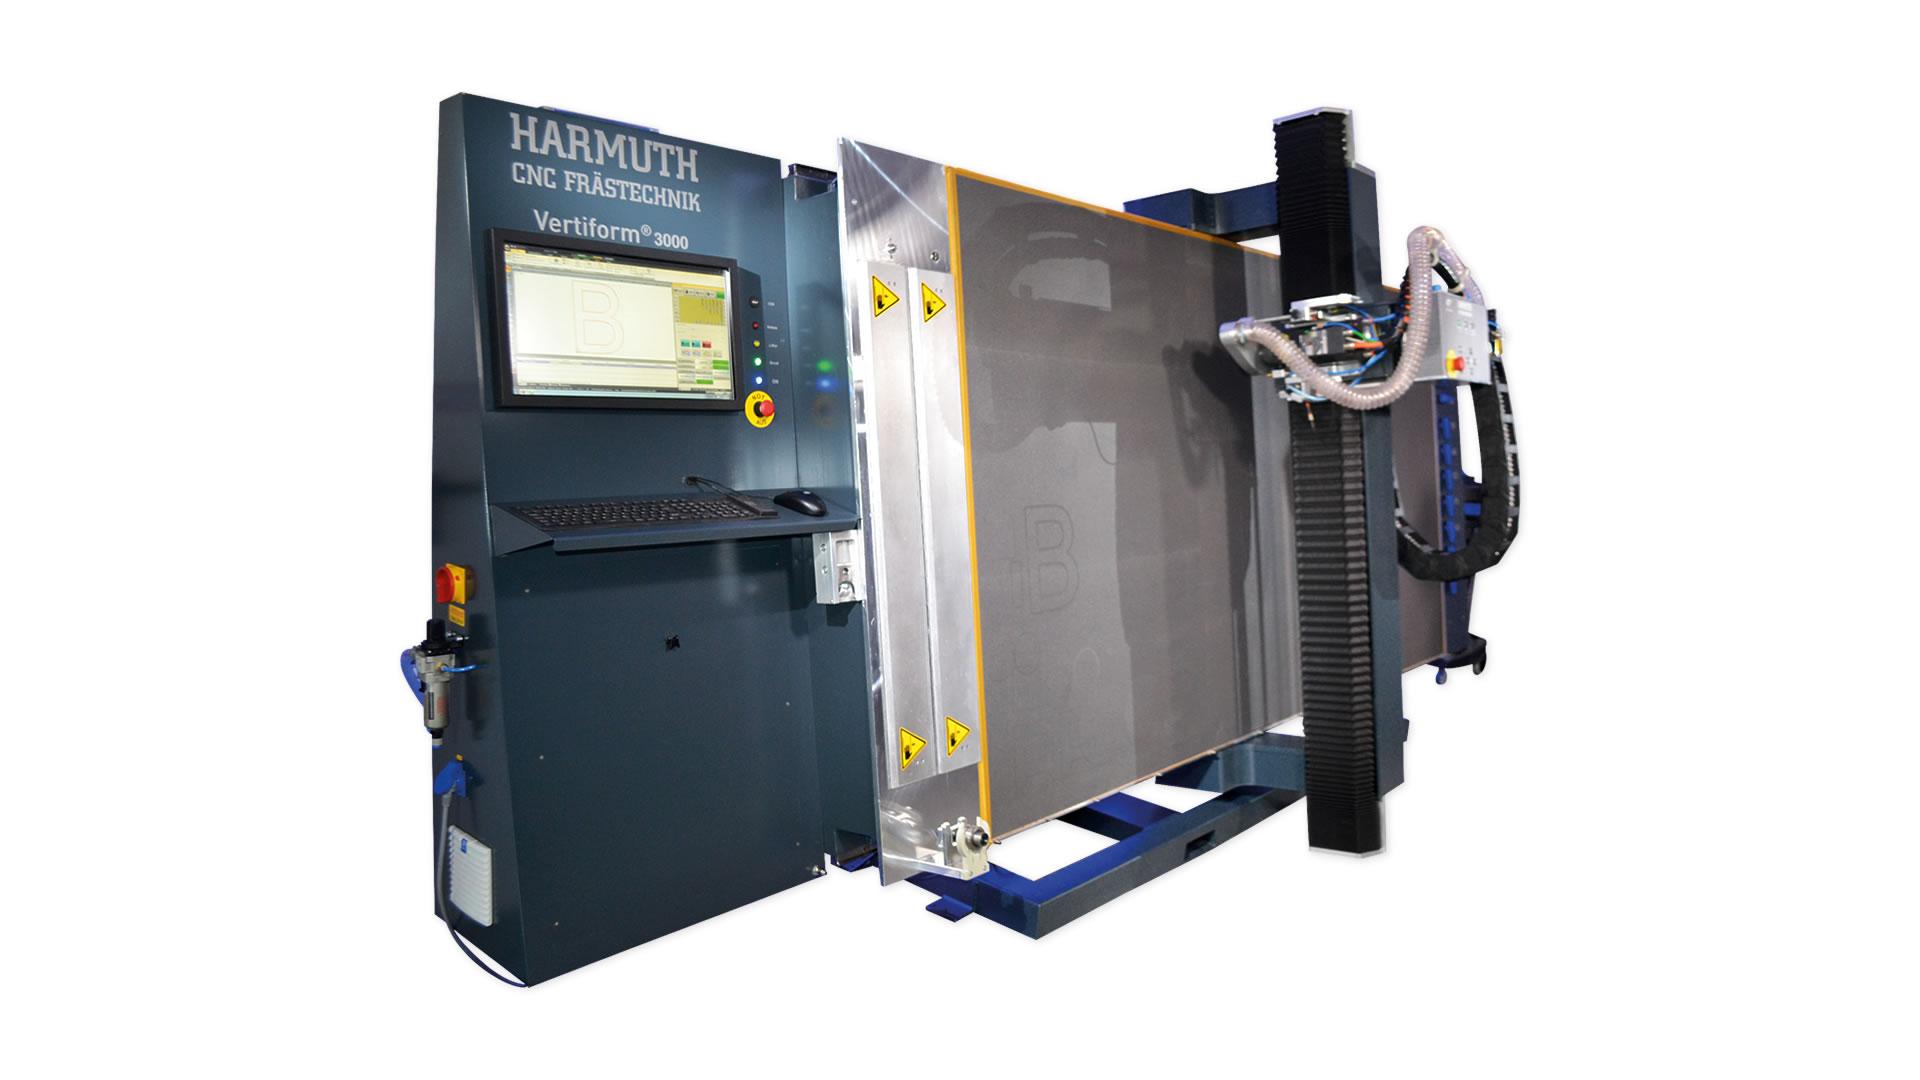 Harmuth CNC - Vertiform